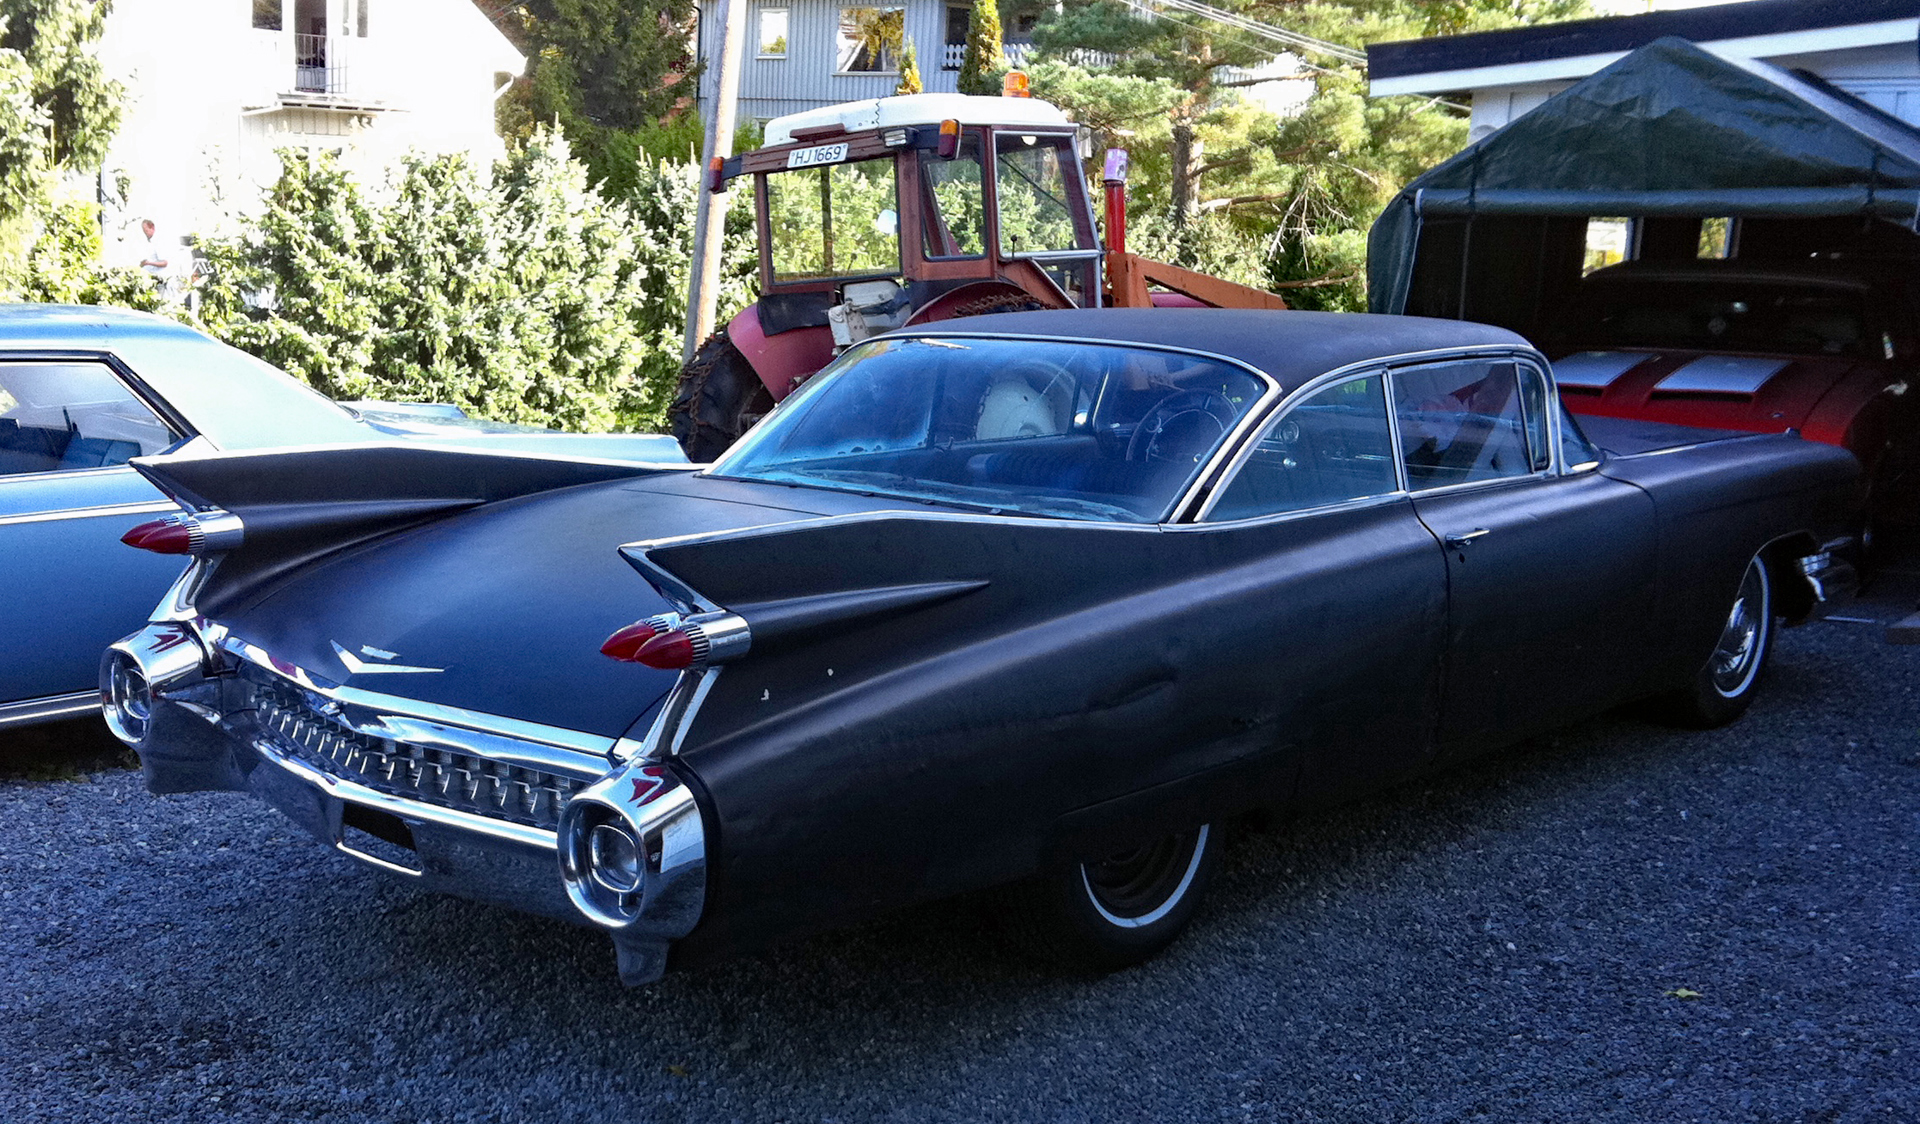 234-1959 Cadillac Coupe DeVille 02. Eier- medlem 2